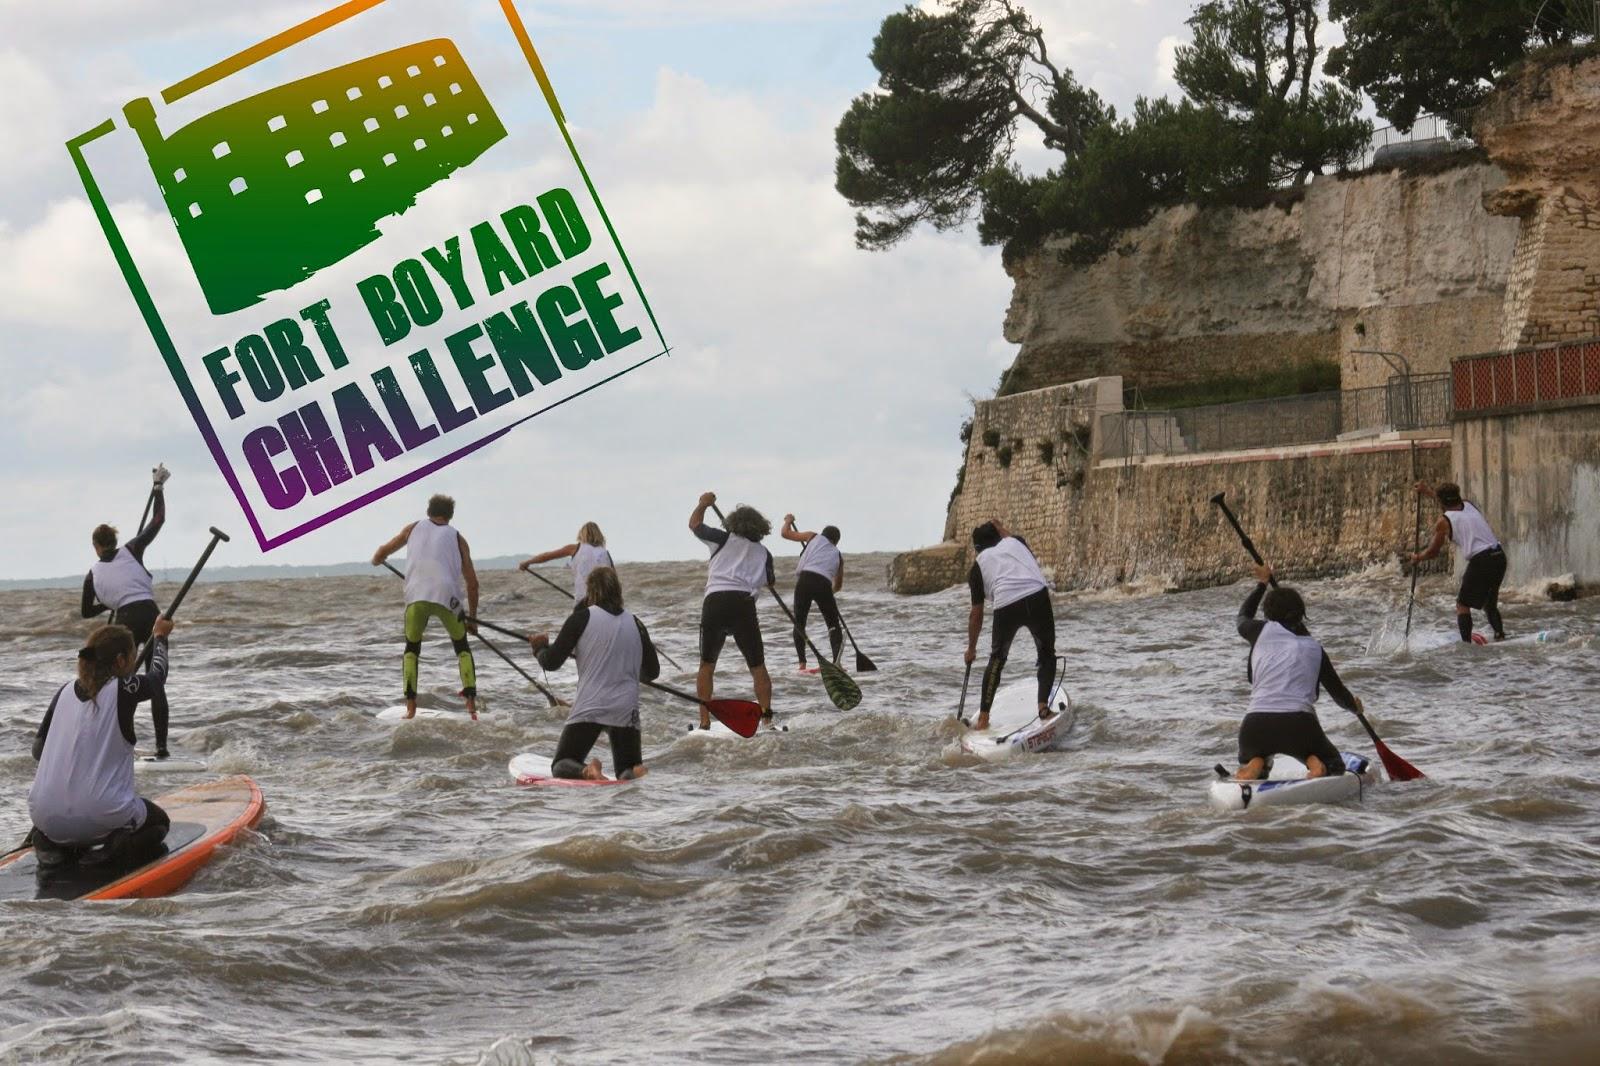 L'aventure Fort Boyard Challenge 2014 est lancée !